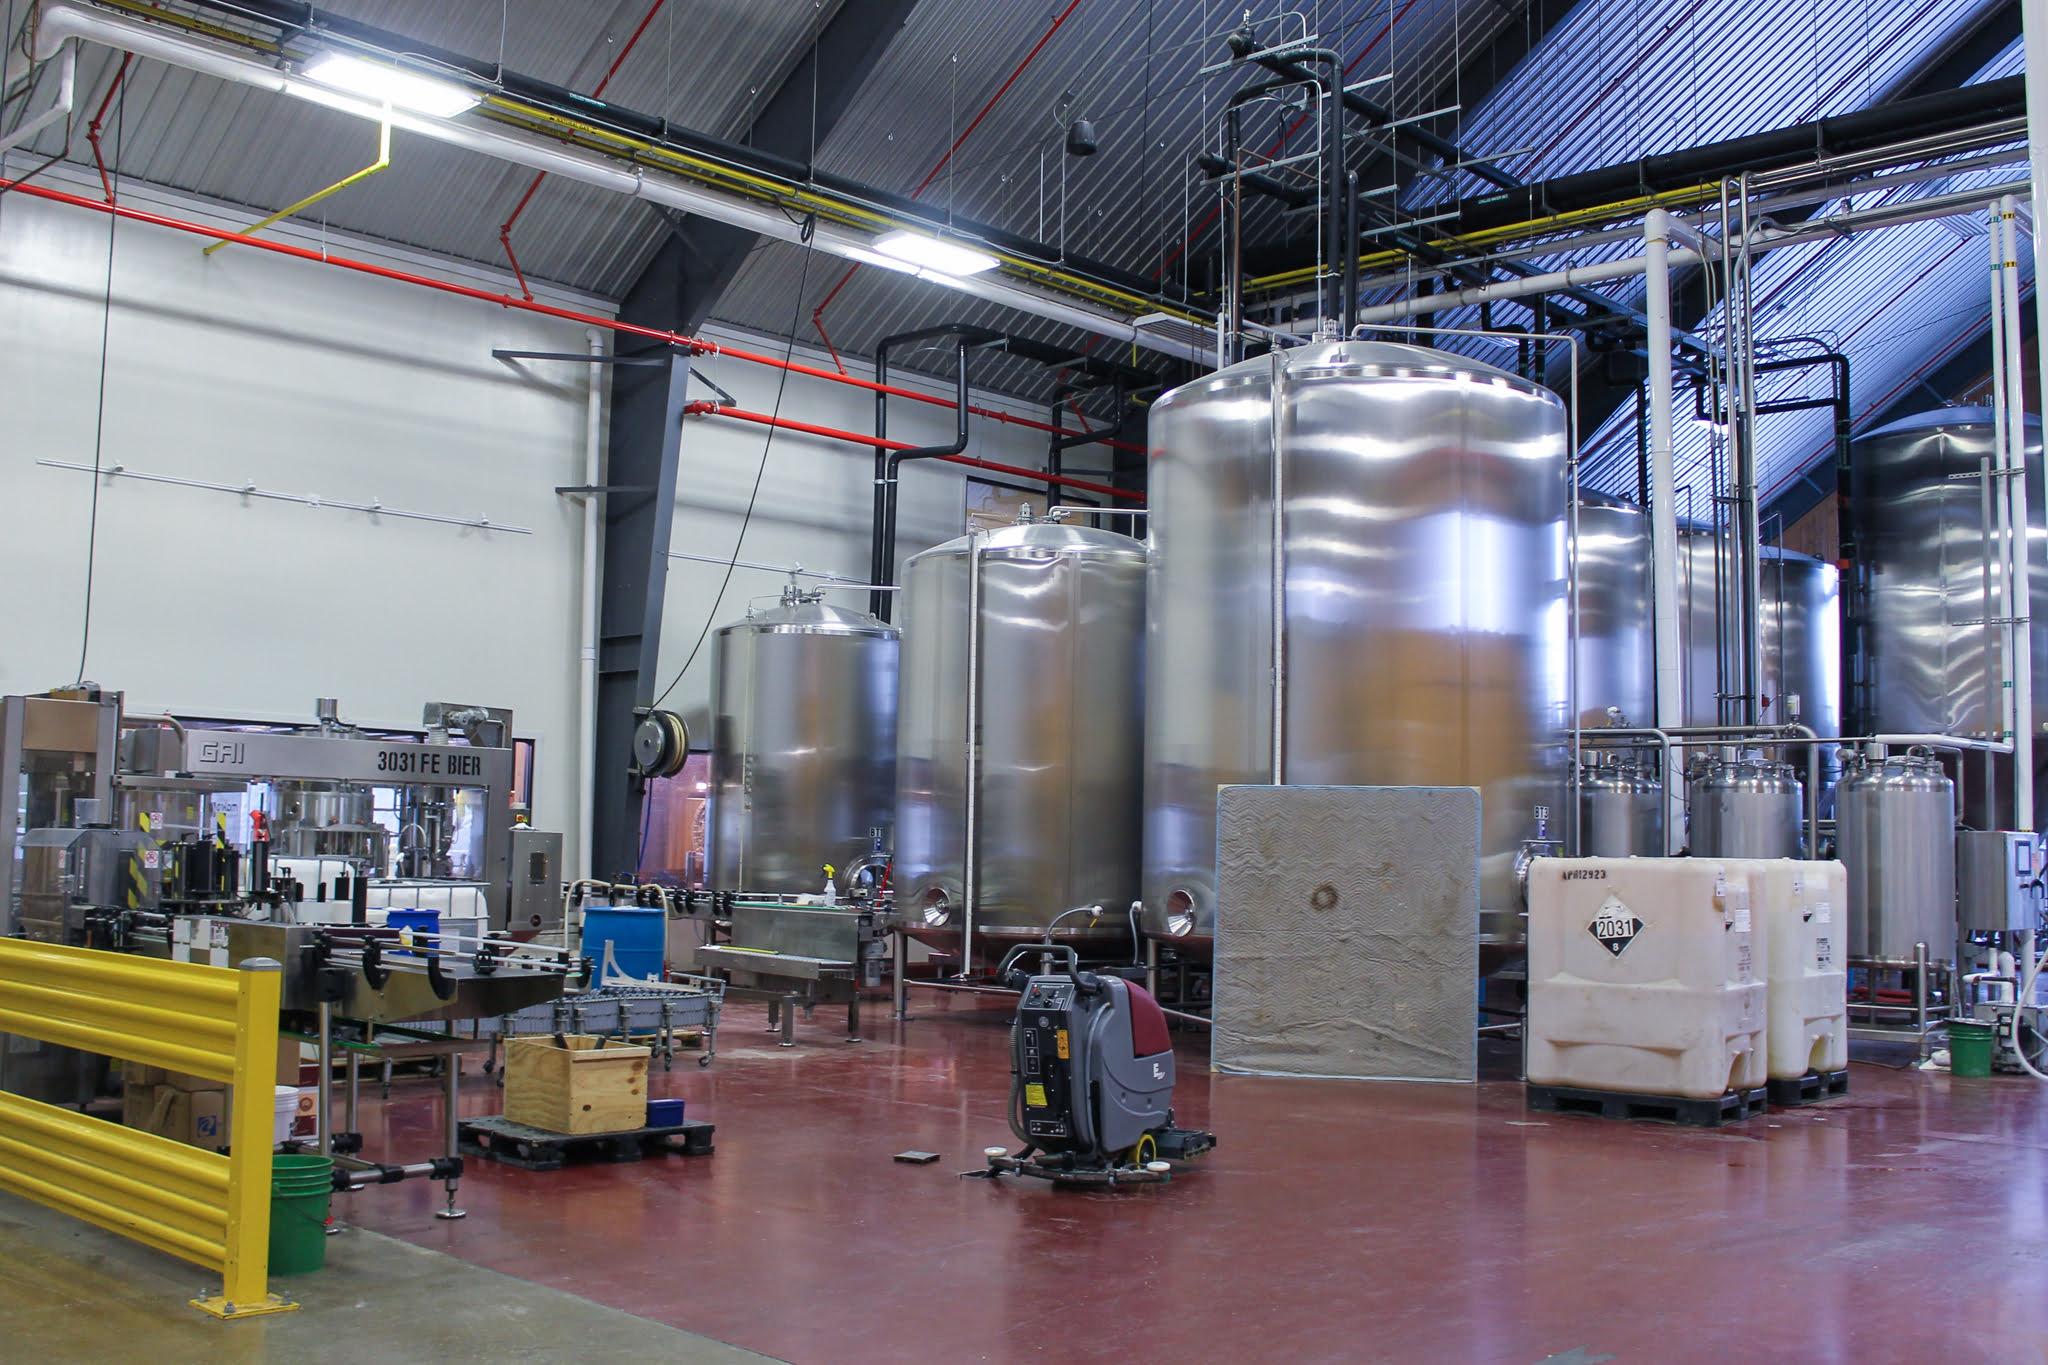 Meier's Creek Brewing Company